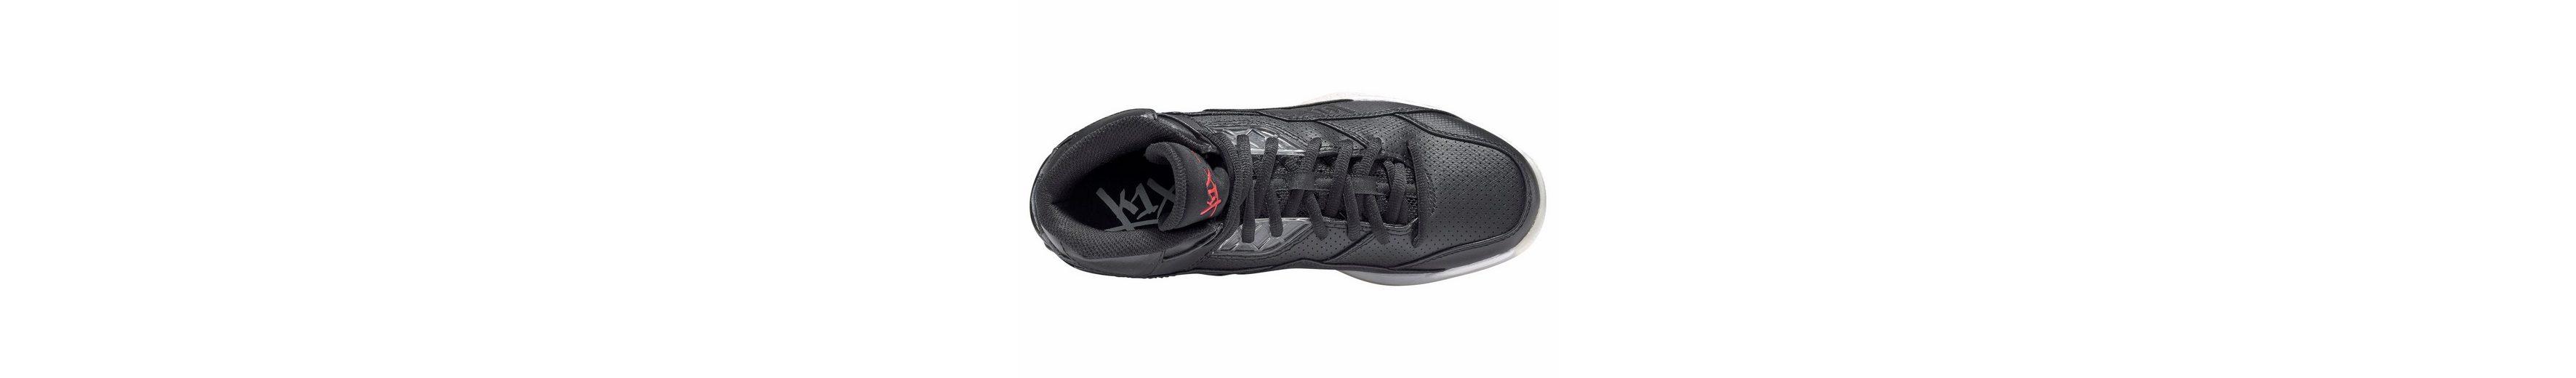 K1X Anti Gravity Sneaker In Deutschland Günstigem Preis Billig Verkauf 2018 Neue Wahl Rabatt-Spielraum Store Bester Günstiger Preis H1lTKtz